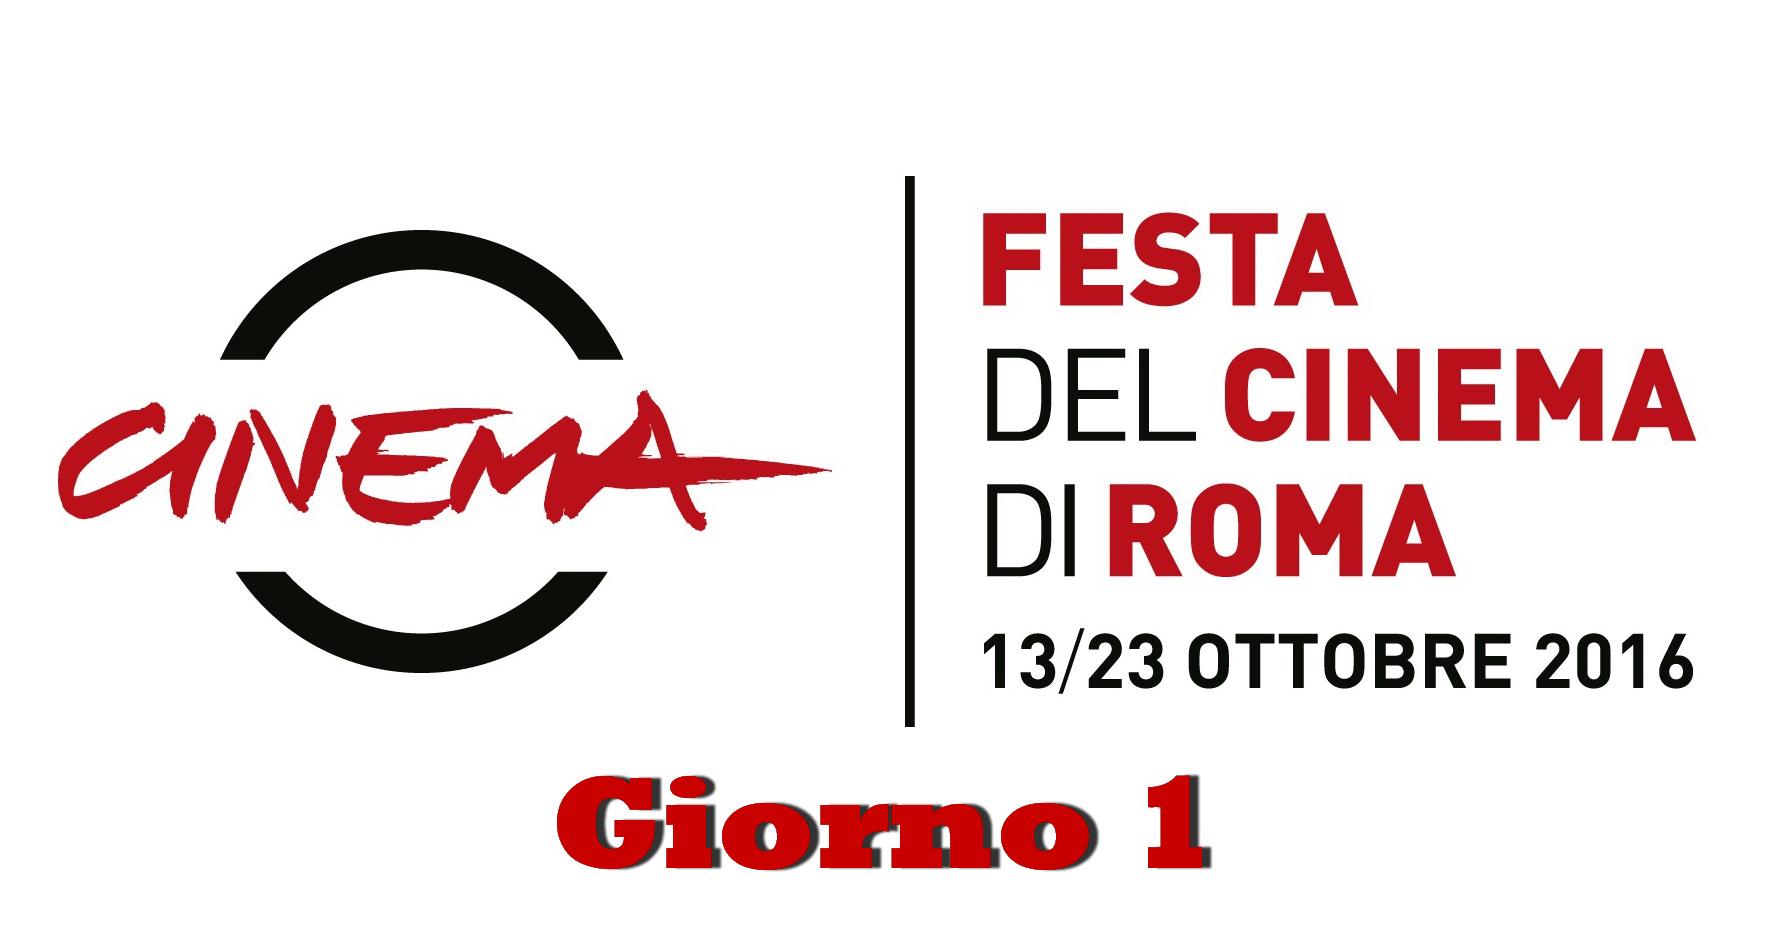 E' ufficialmente iniziata all'Auditorium Parco della Musica l'undicesima edizione della Festa del Cinema di Roma (RomaFF11) che si svolgerà fino a domenica 23 sotto la direzione artistica di Antonio Monda […]